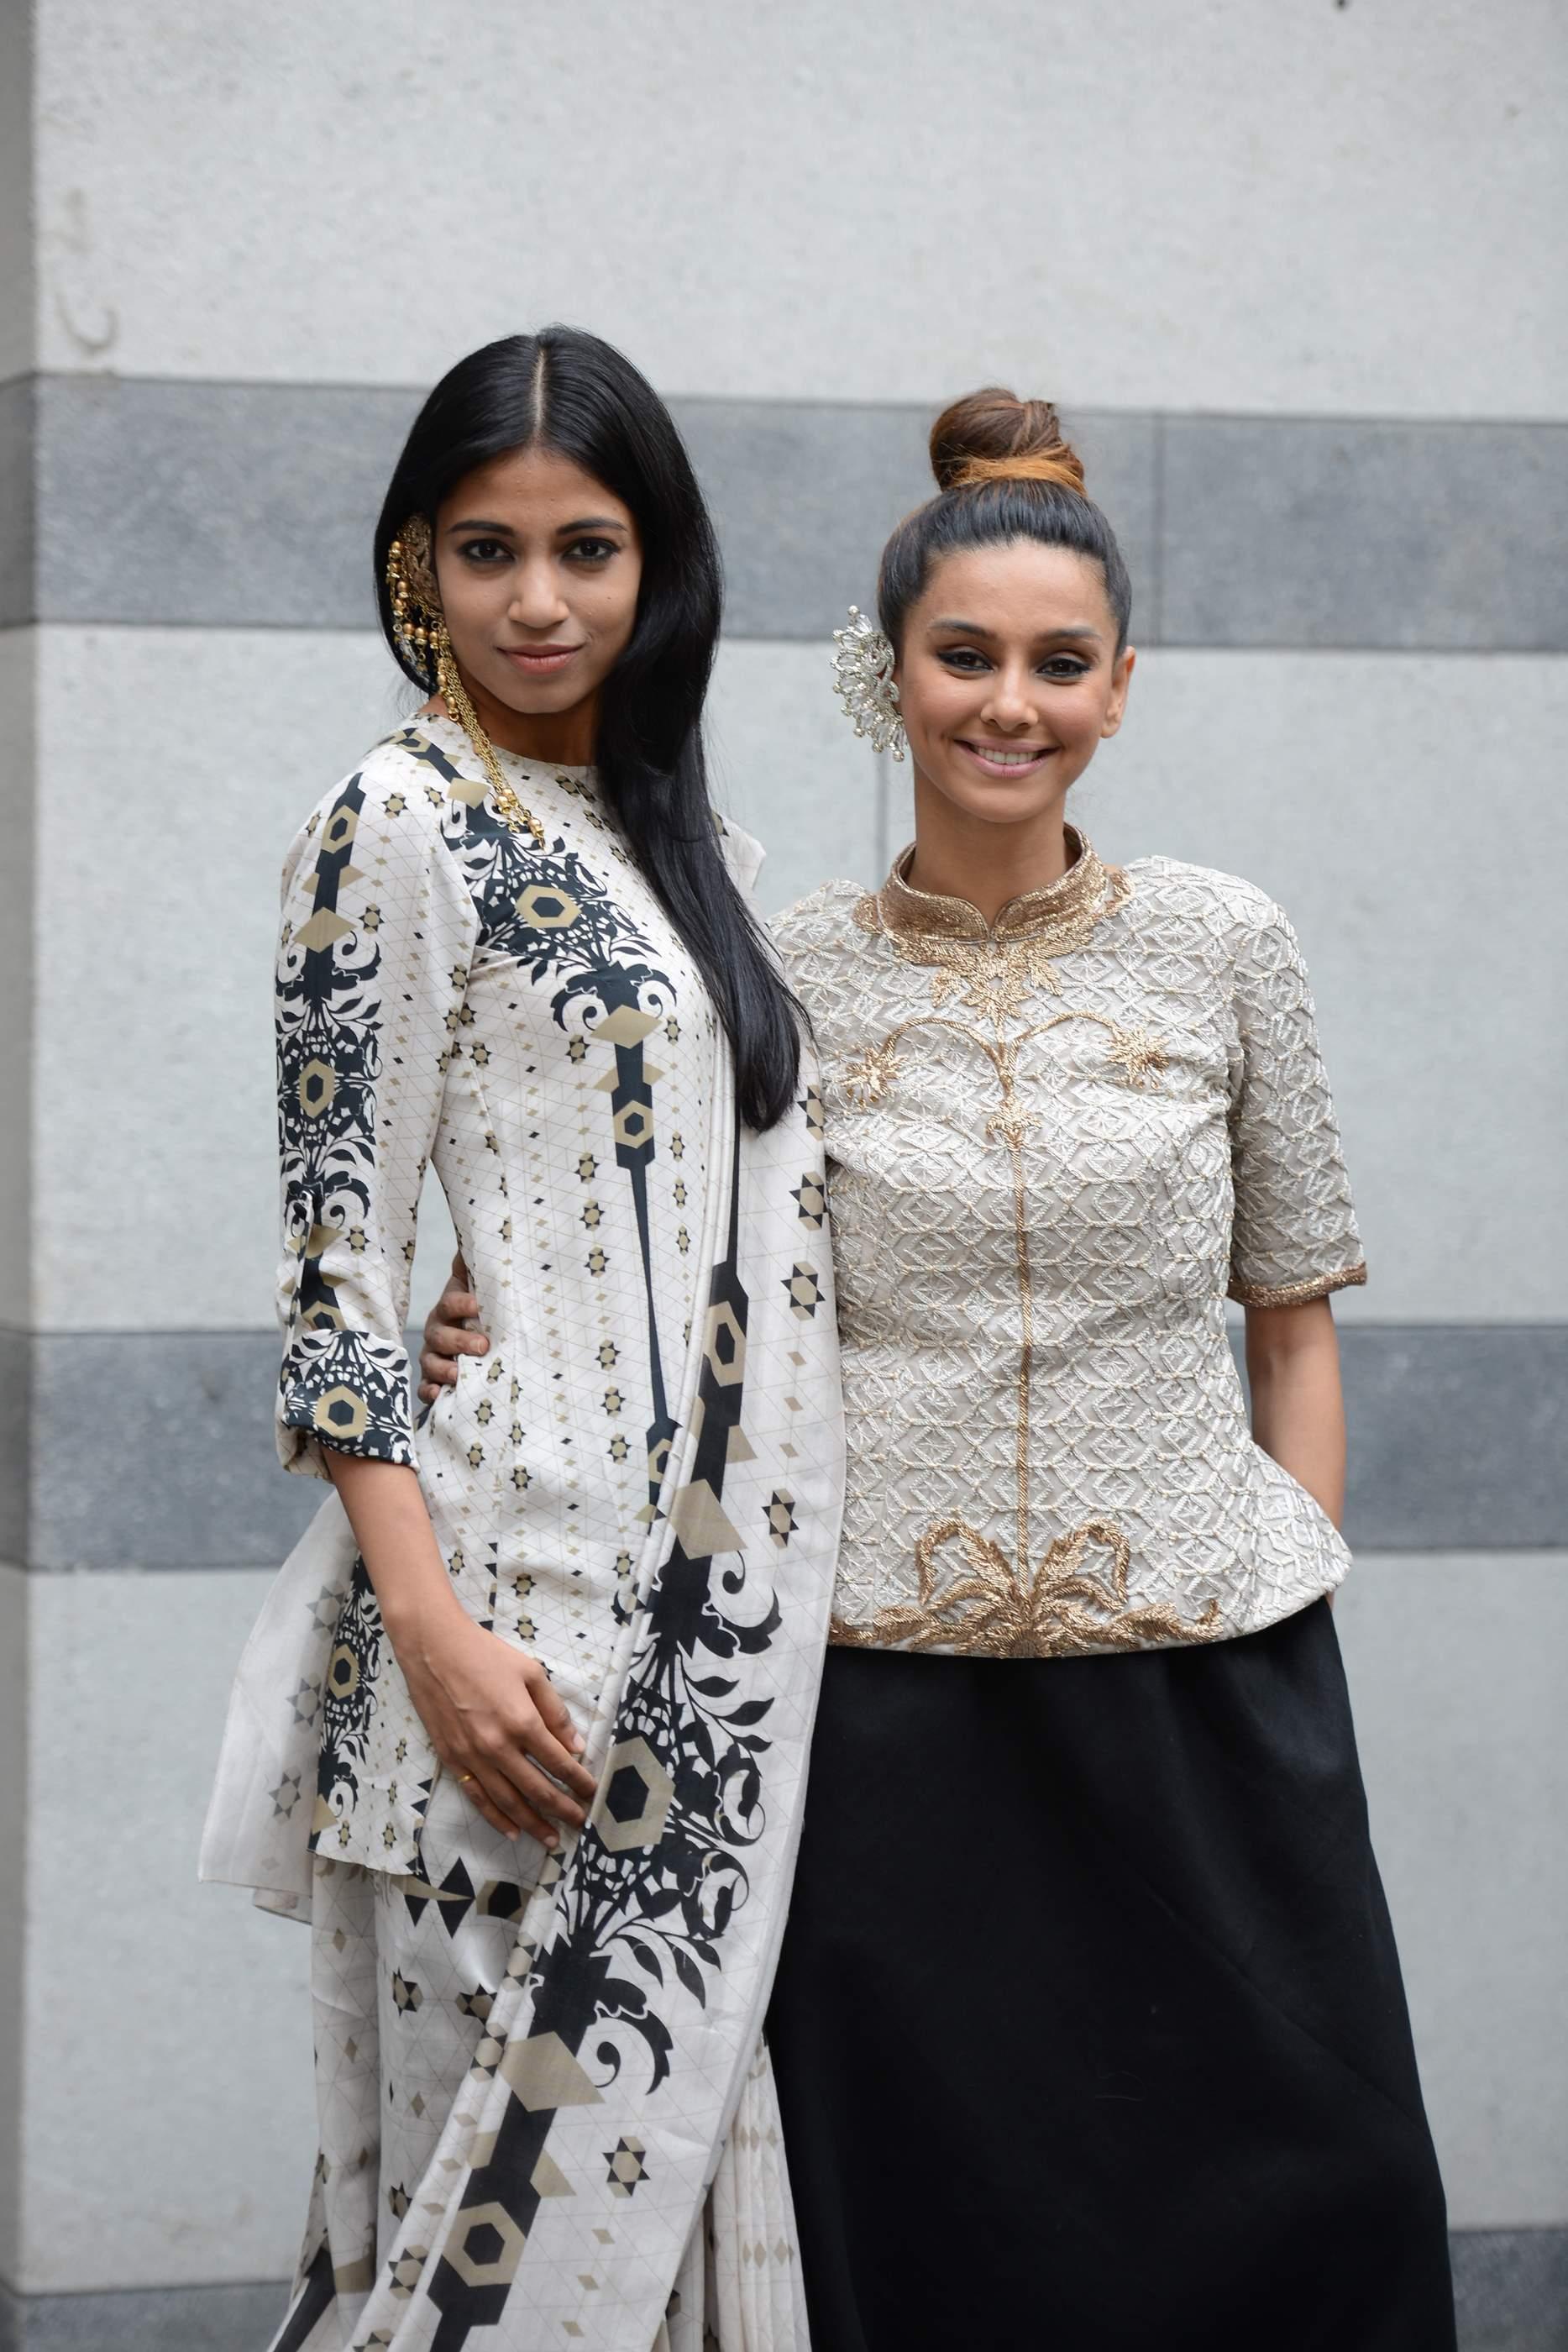 Shibani Dandekar and Bhagyashree Raut dressed in Lady Sahara by Payal Singhal 2